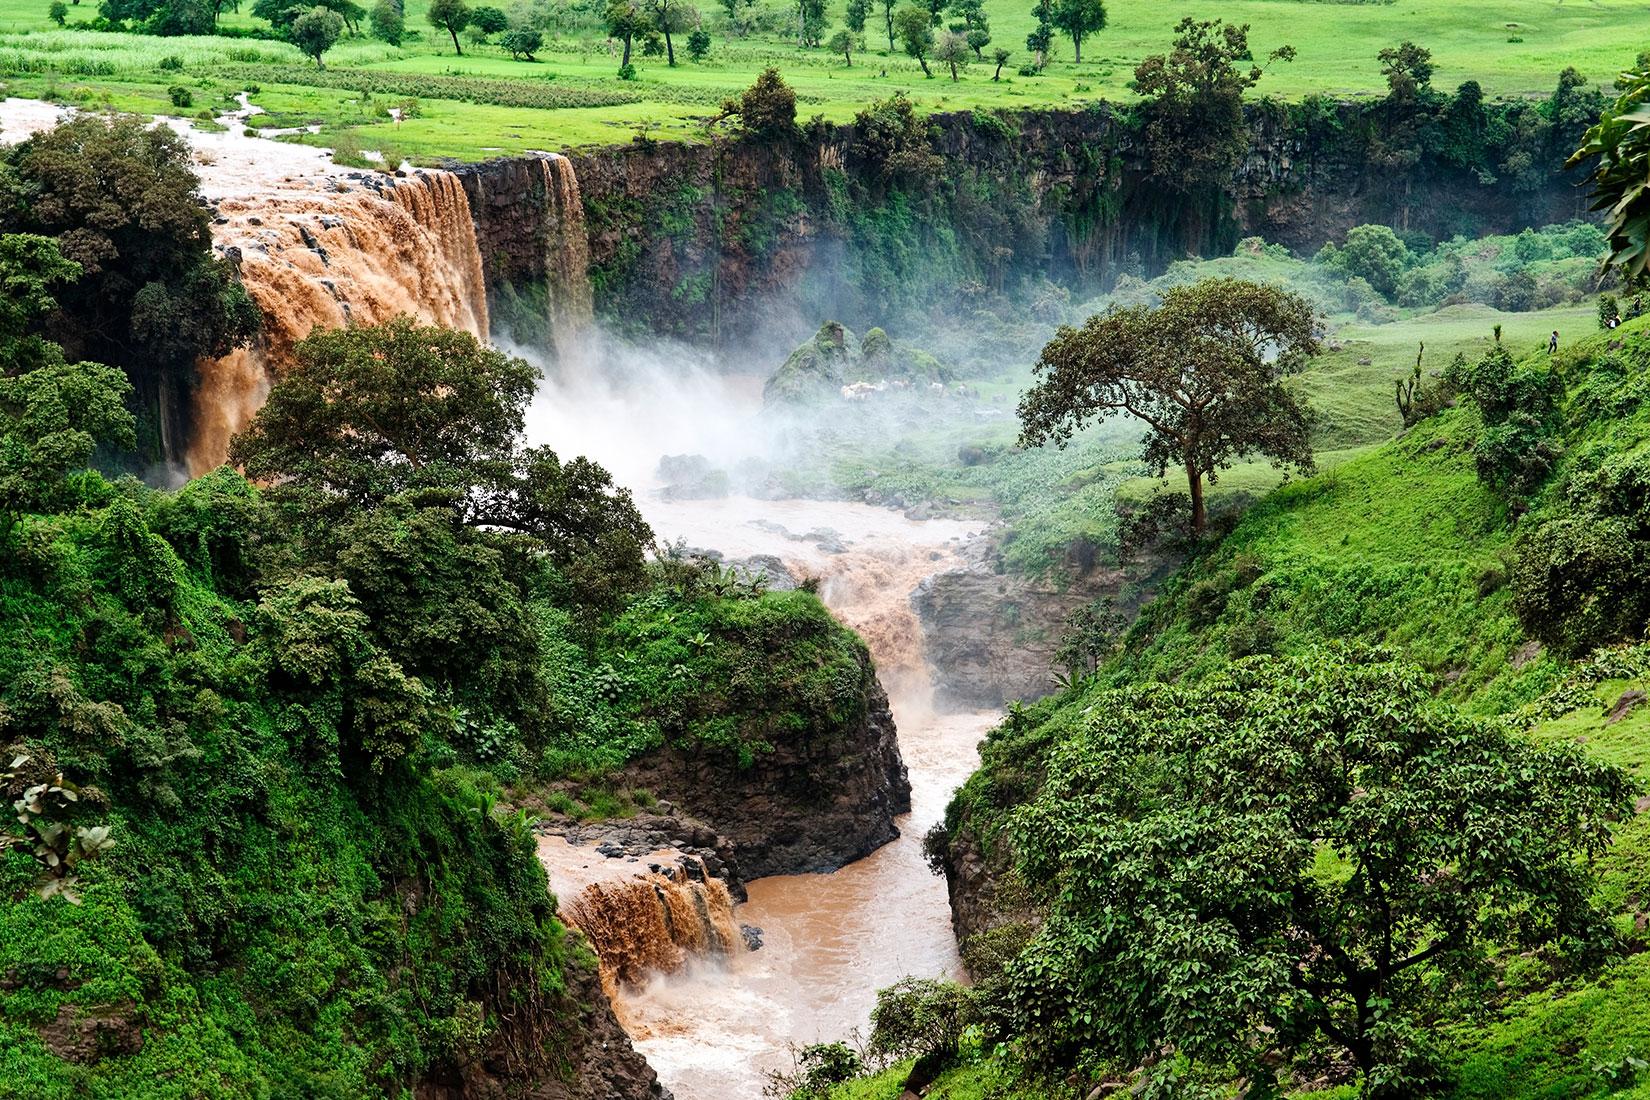 ナイル川の水争い―大エチオピア・ルネサンスダムを巡って